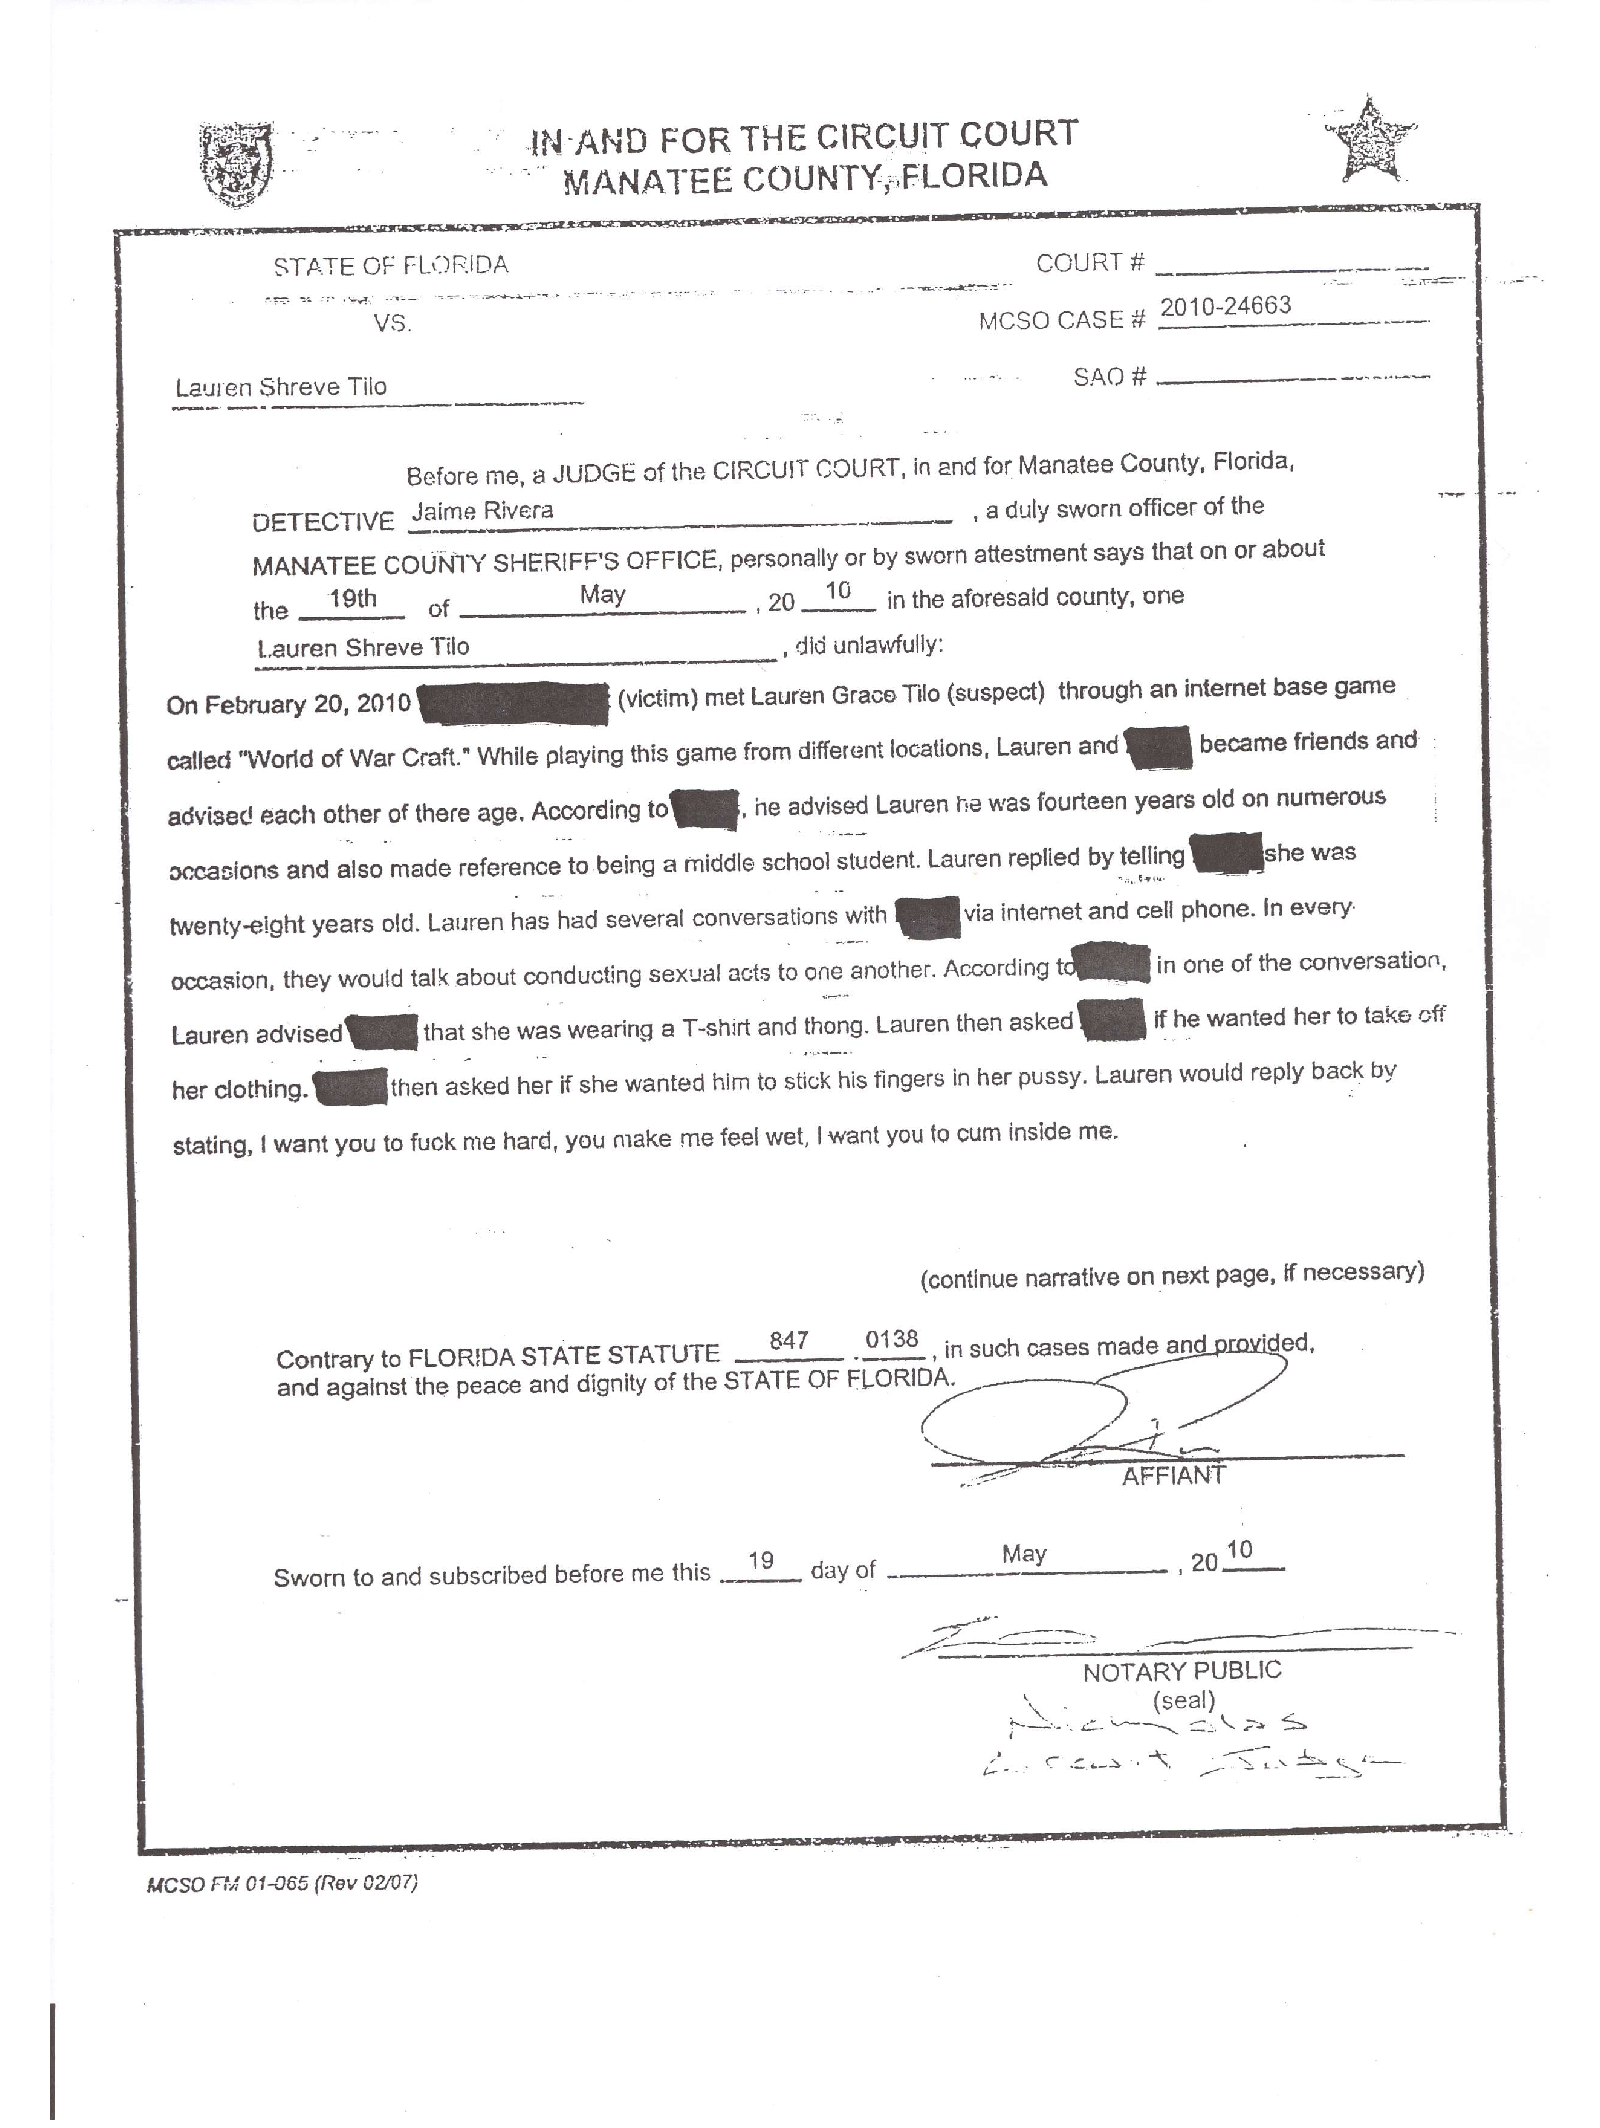 tilo lauren shreeve arrest report.png